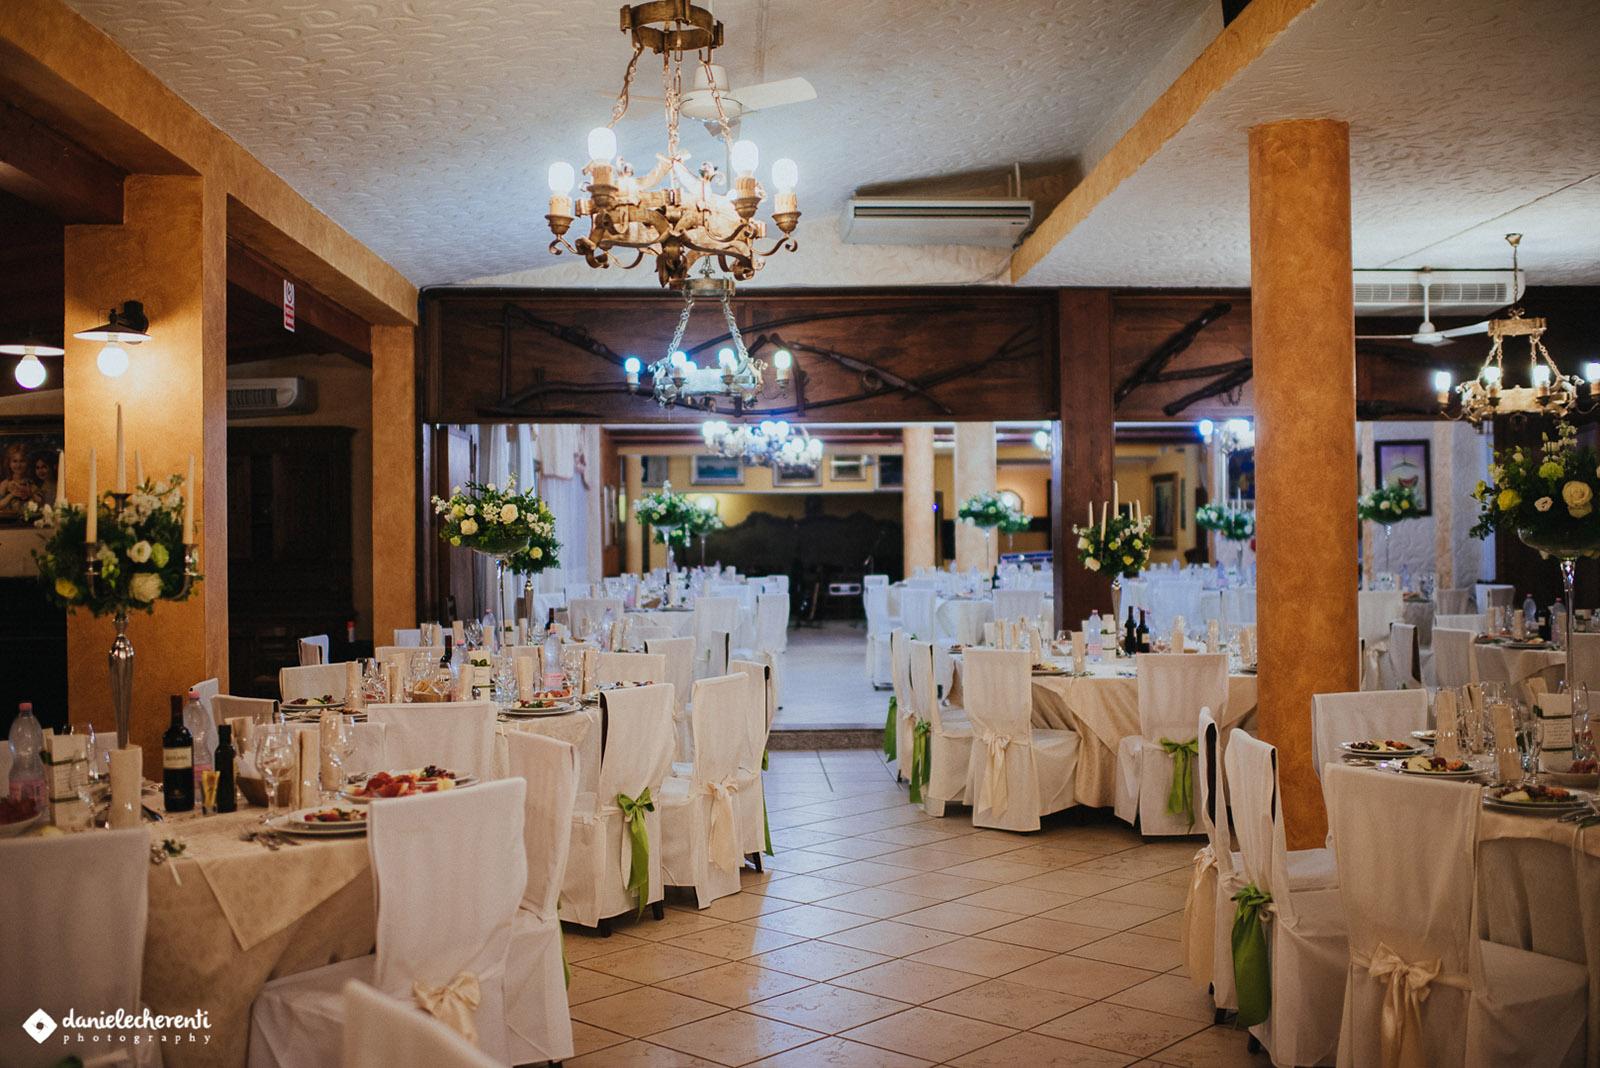 Sale ricevimenti per matrimoni a Carbonia - Ristorante Tanit - Ristorante a Caqrbonia dal 1981 - 3